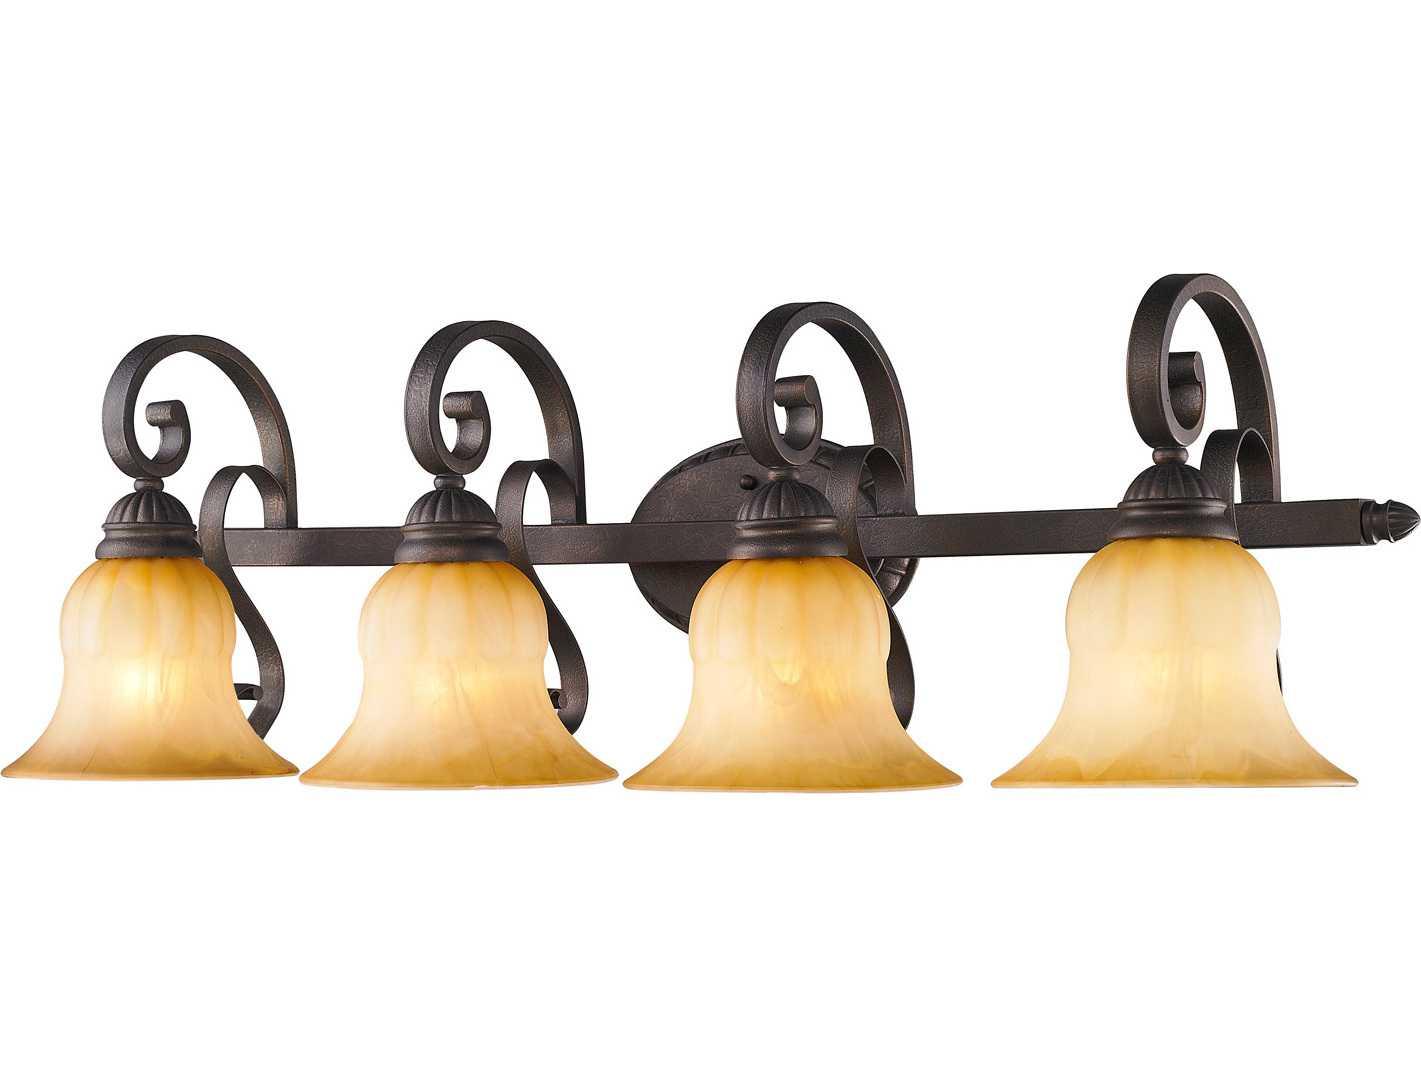 Crackle Glass Vanity Light : Golden Lighting Mayfair Leather Crackle Four-Light Vanity Light with Creme Brulee Glass ...